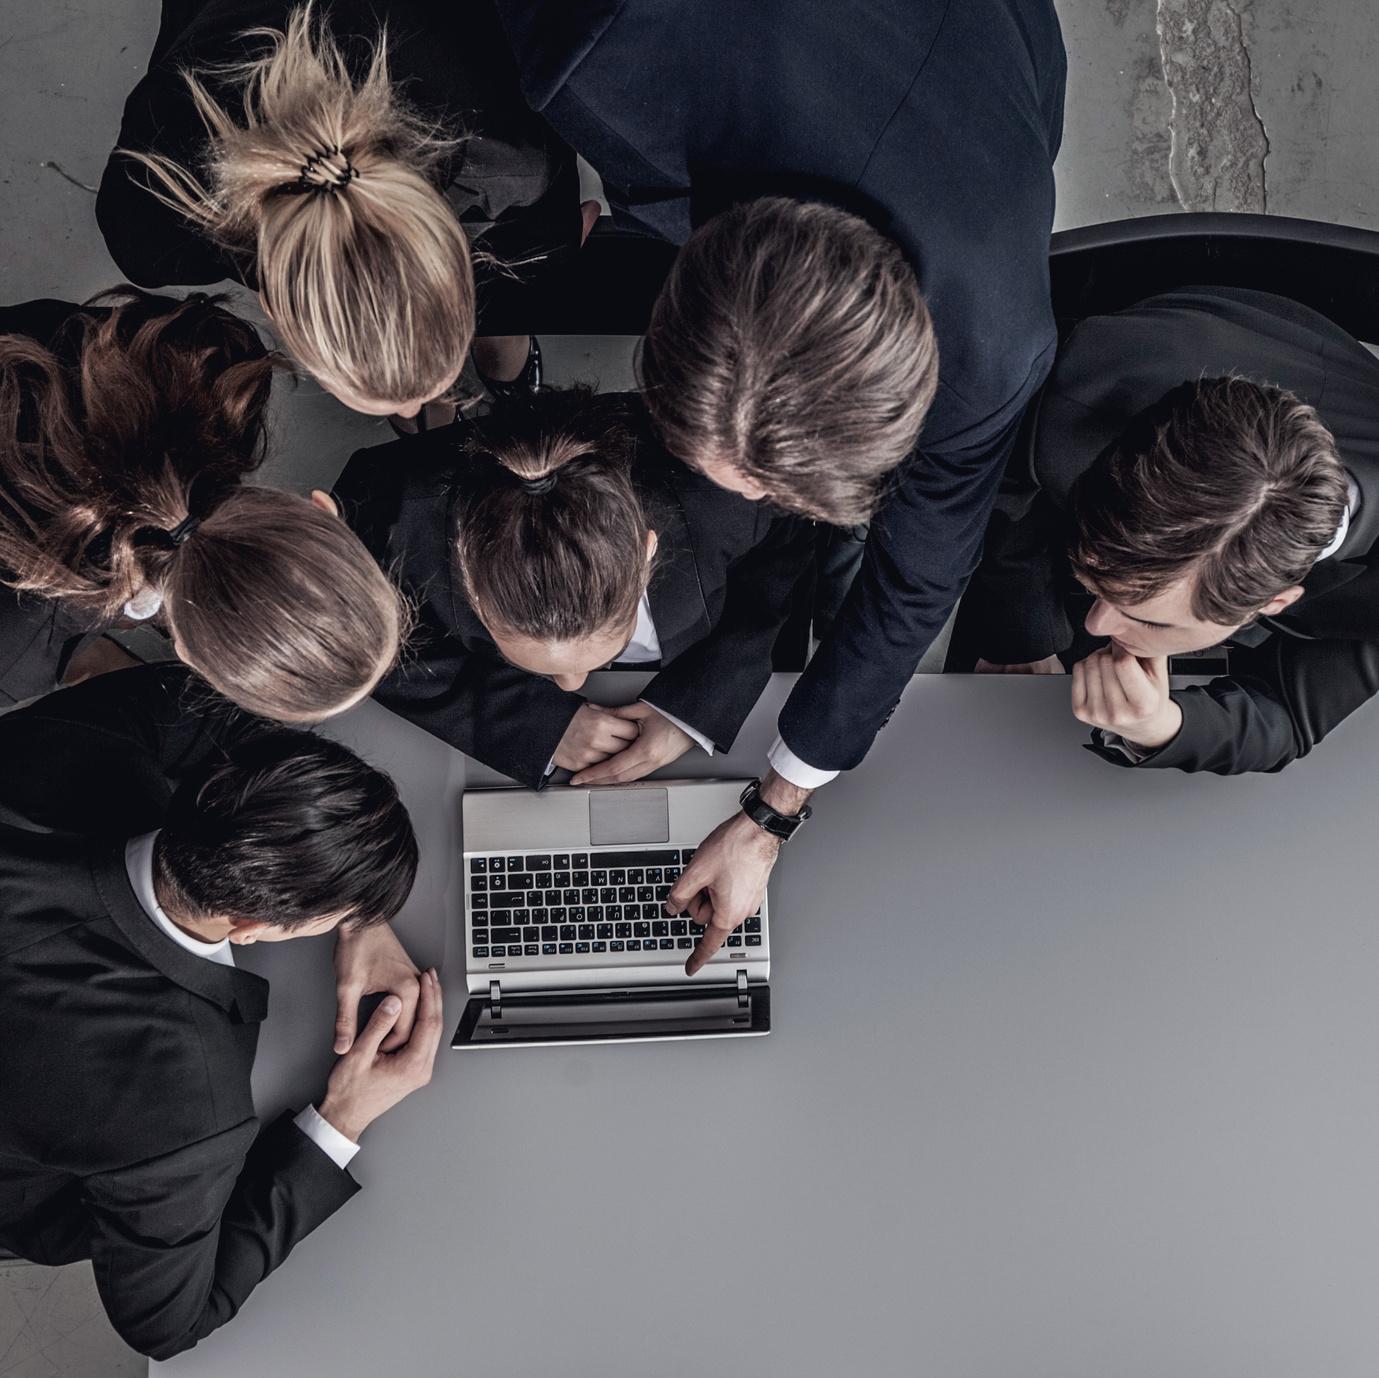 Le 5 cose da sapere prima di rilevare un'azienda